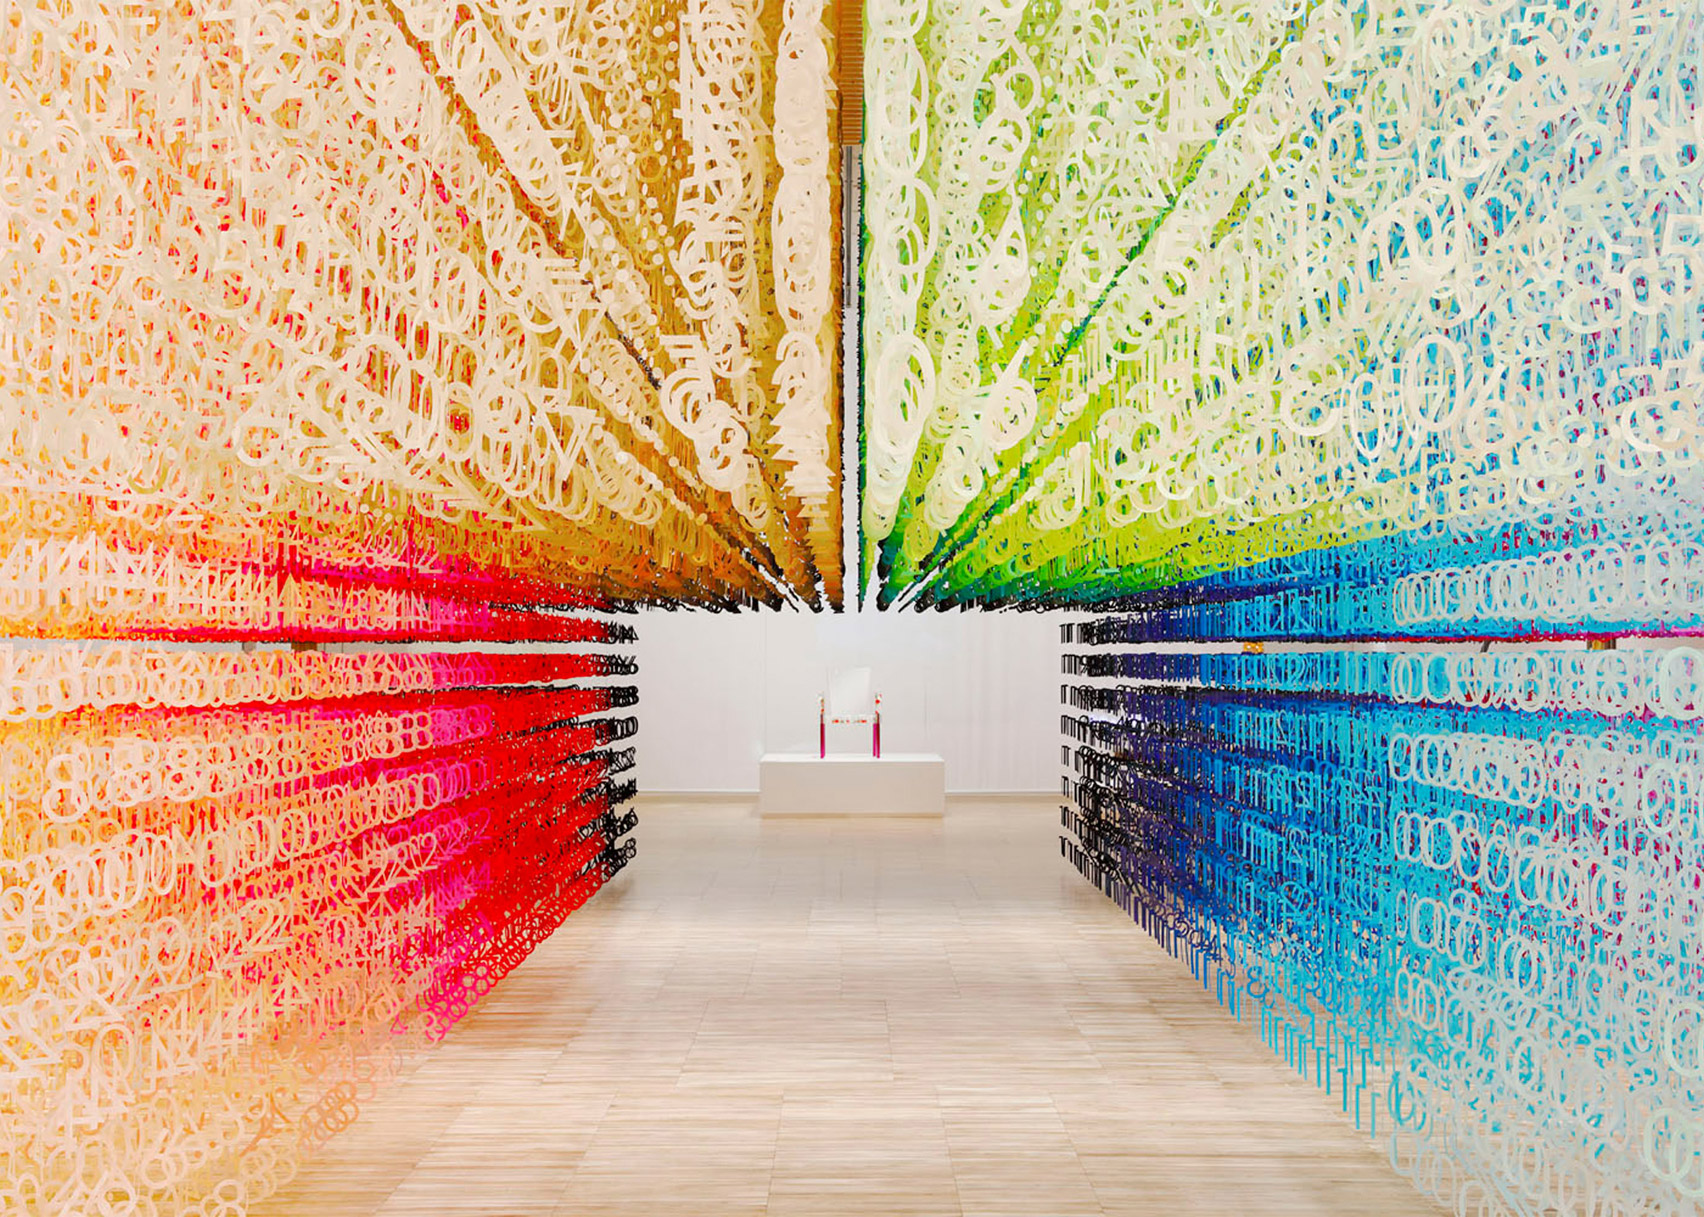 Colour of Time by Emmanuelle Moureaux